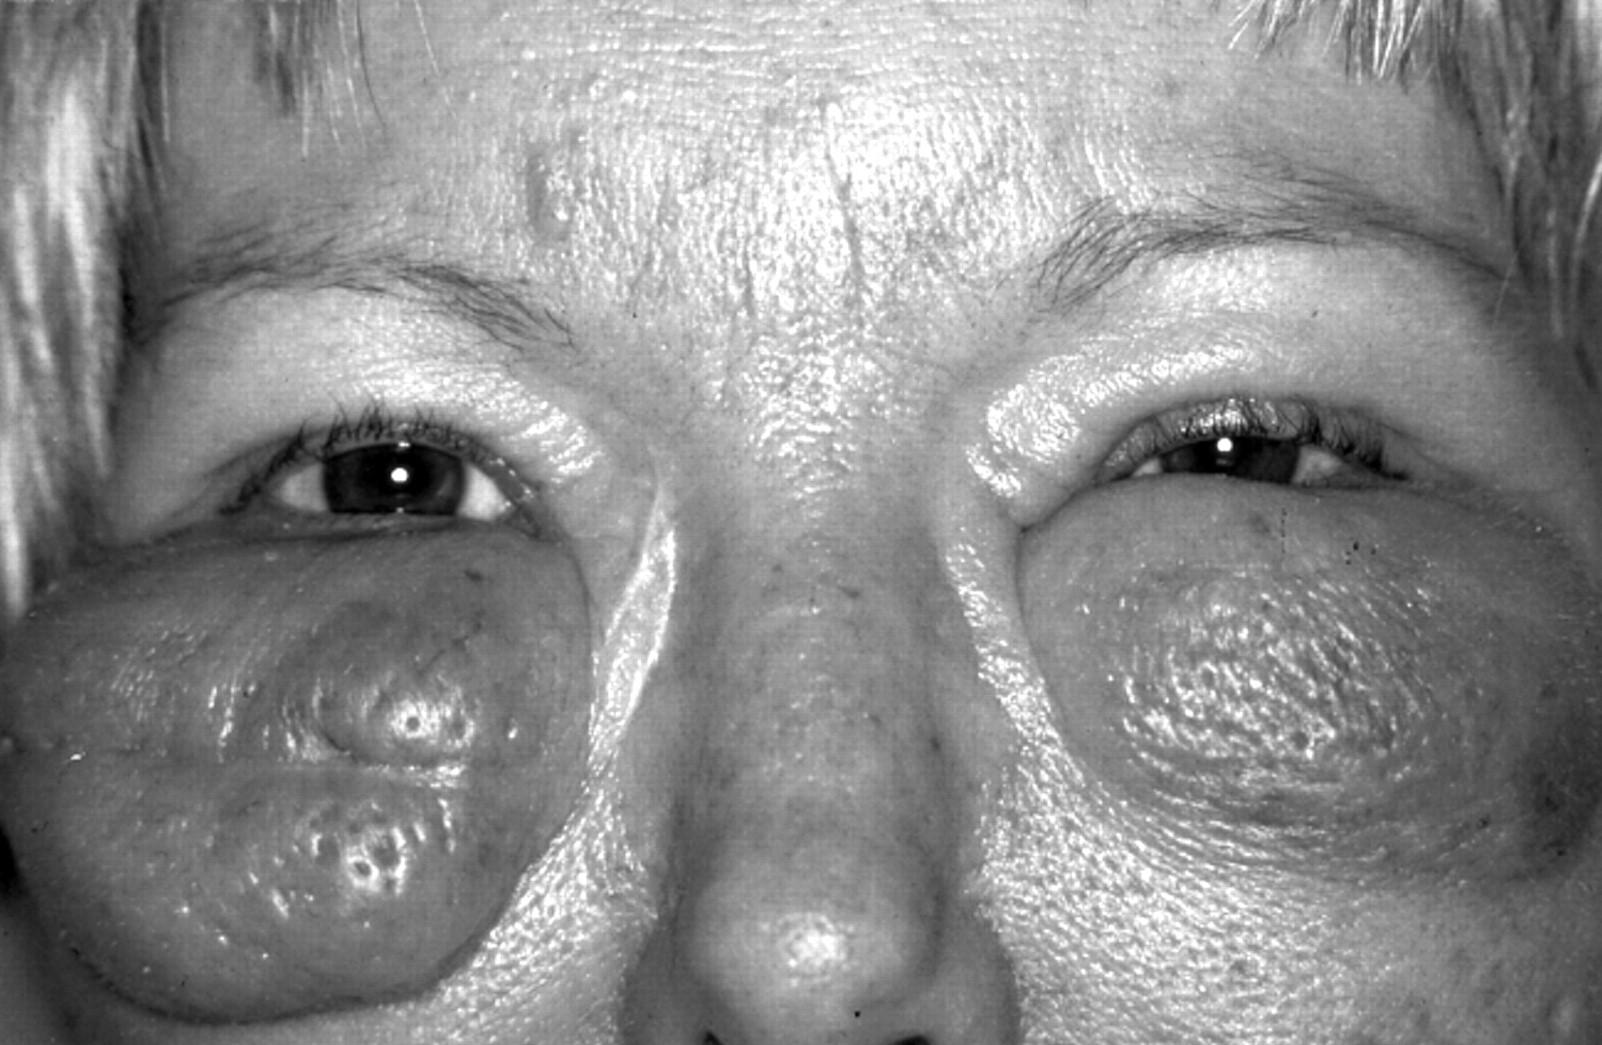 munchausen syndrome by proxy symptoms